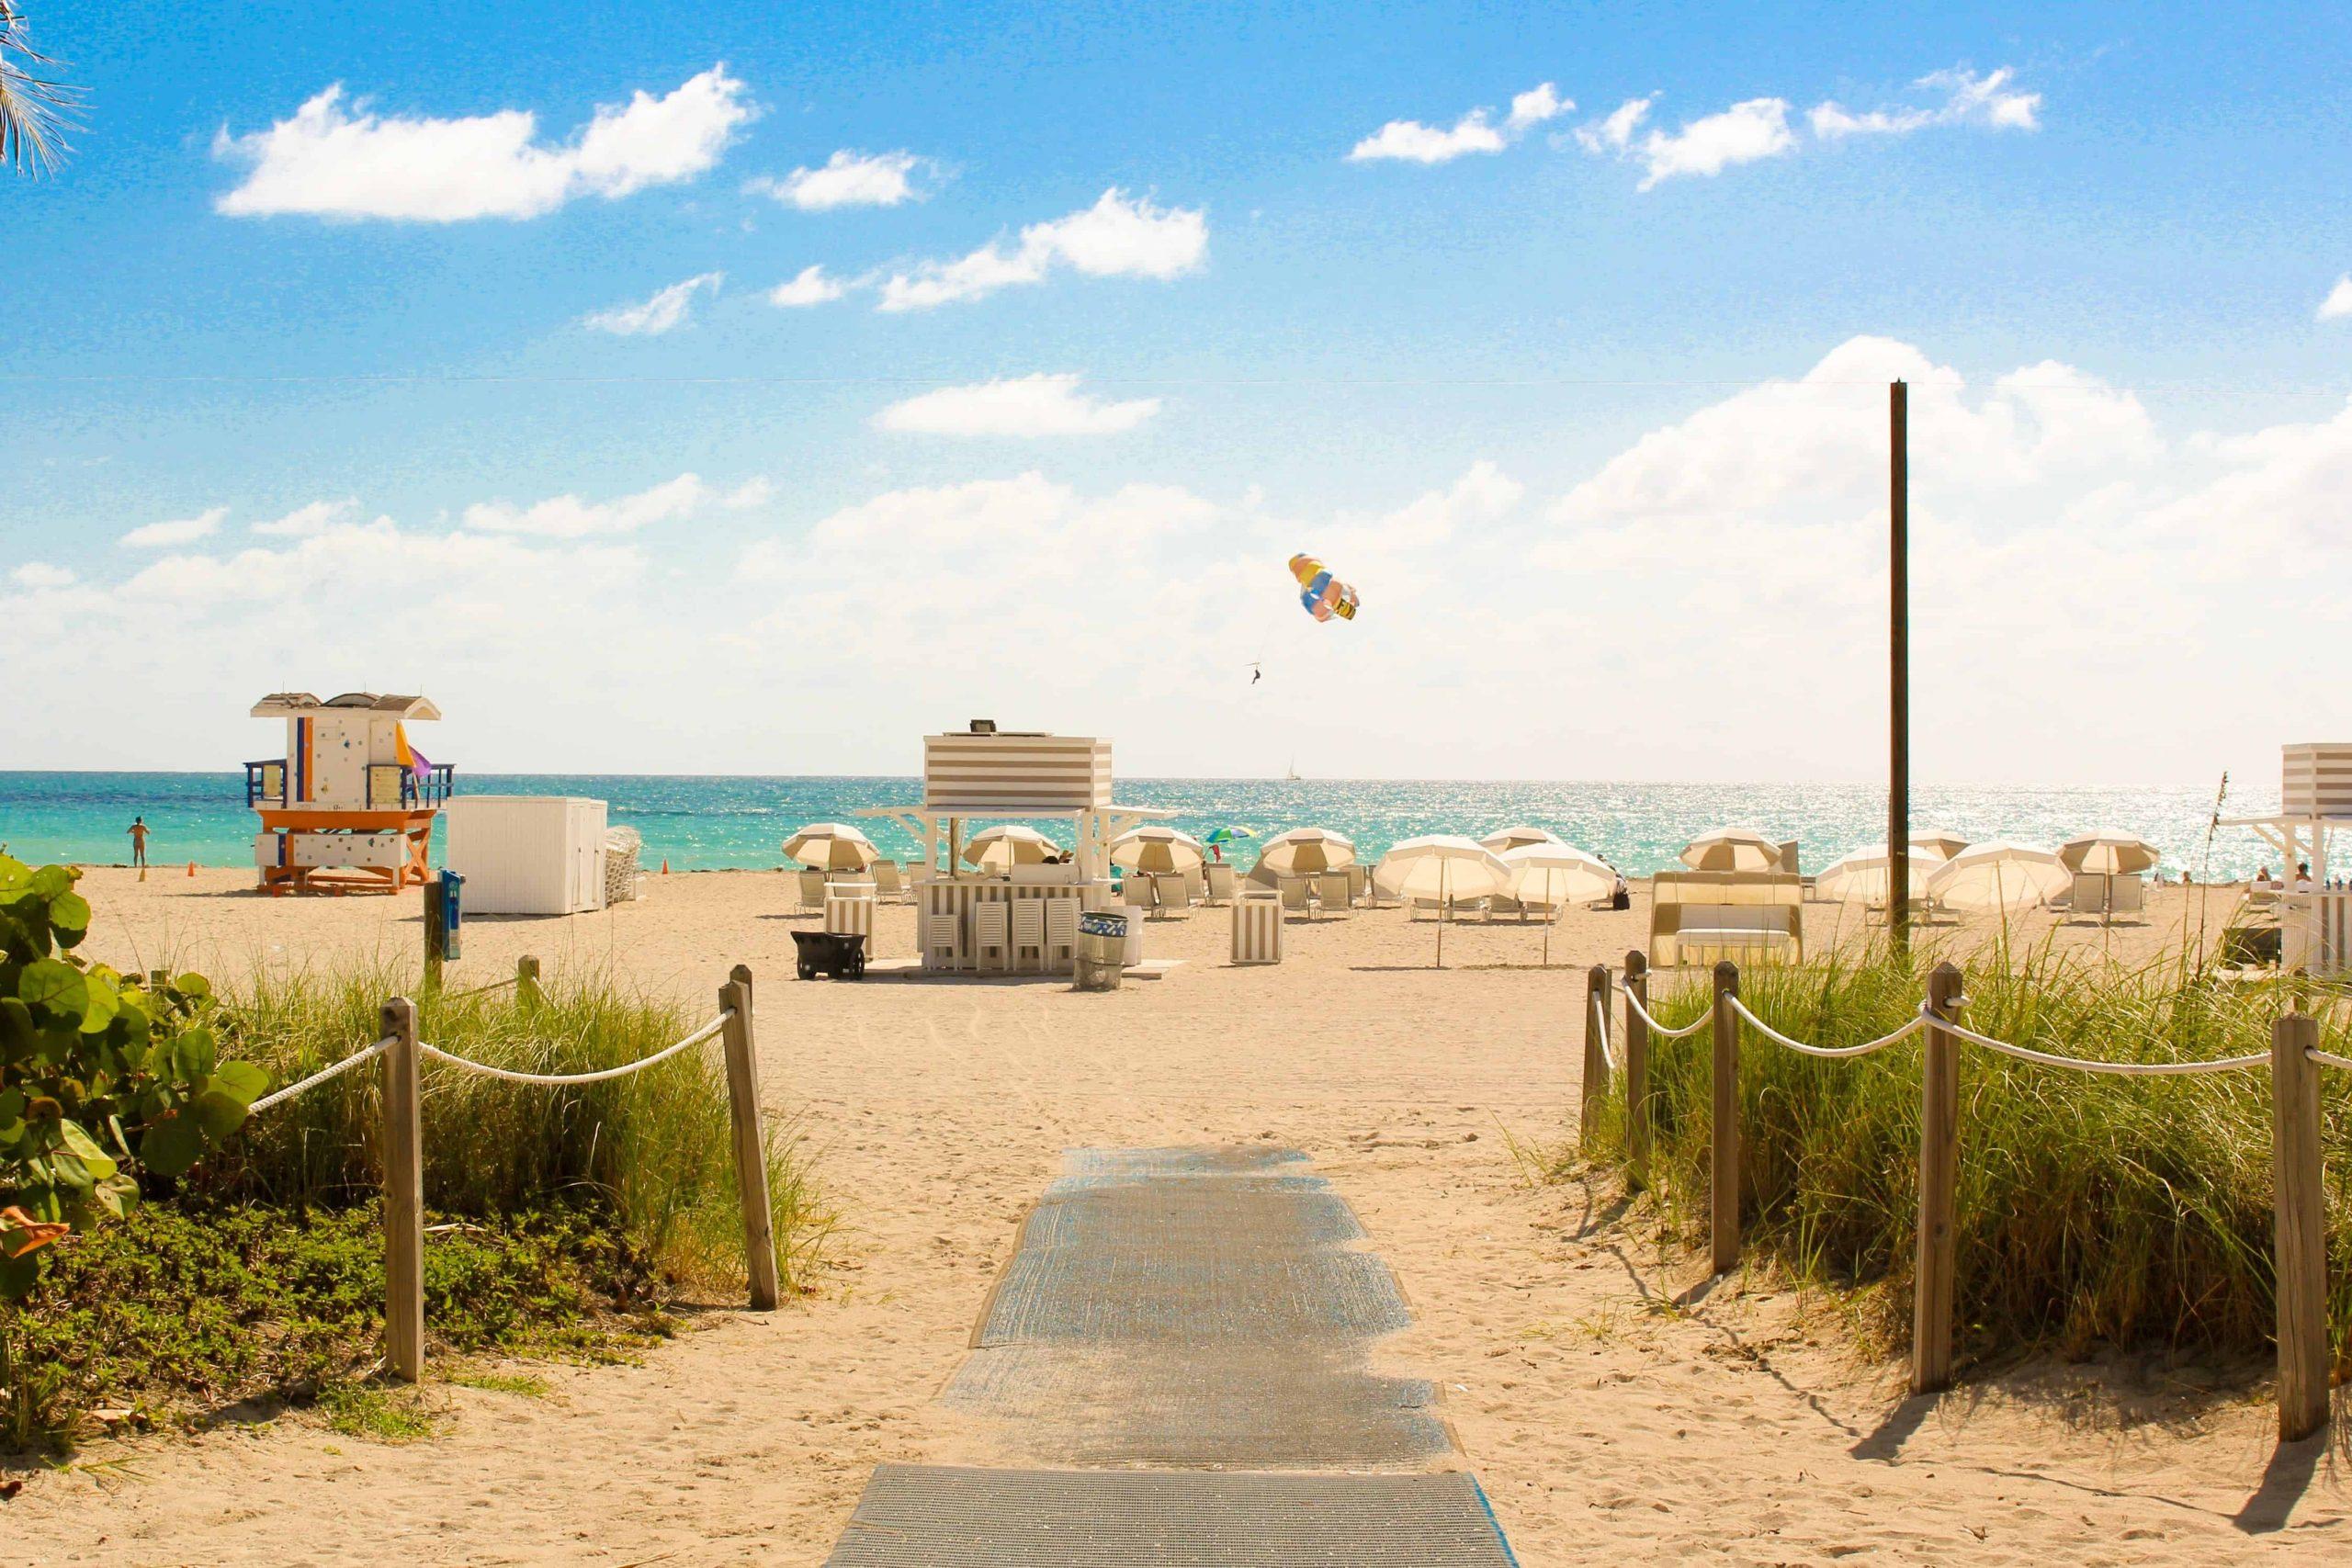 Comment passer un long weekend (de 5 jours complets) à Miami pour 385$ TOTAL !